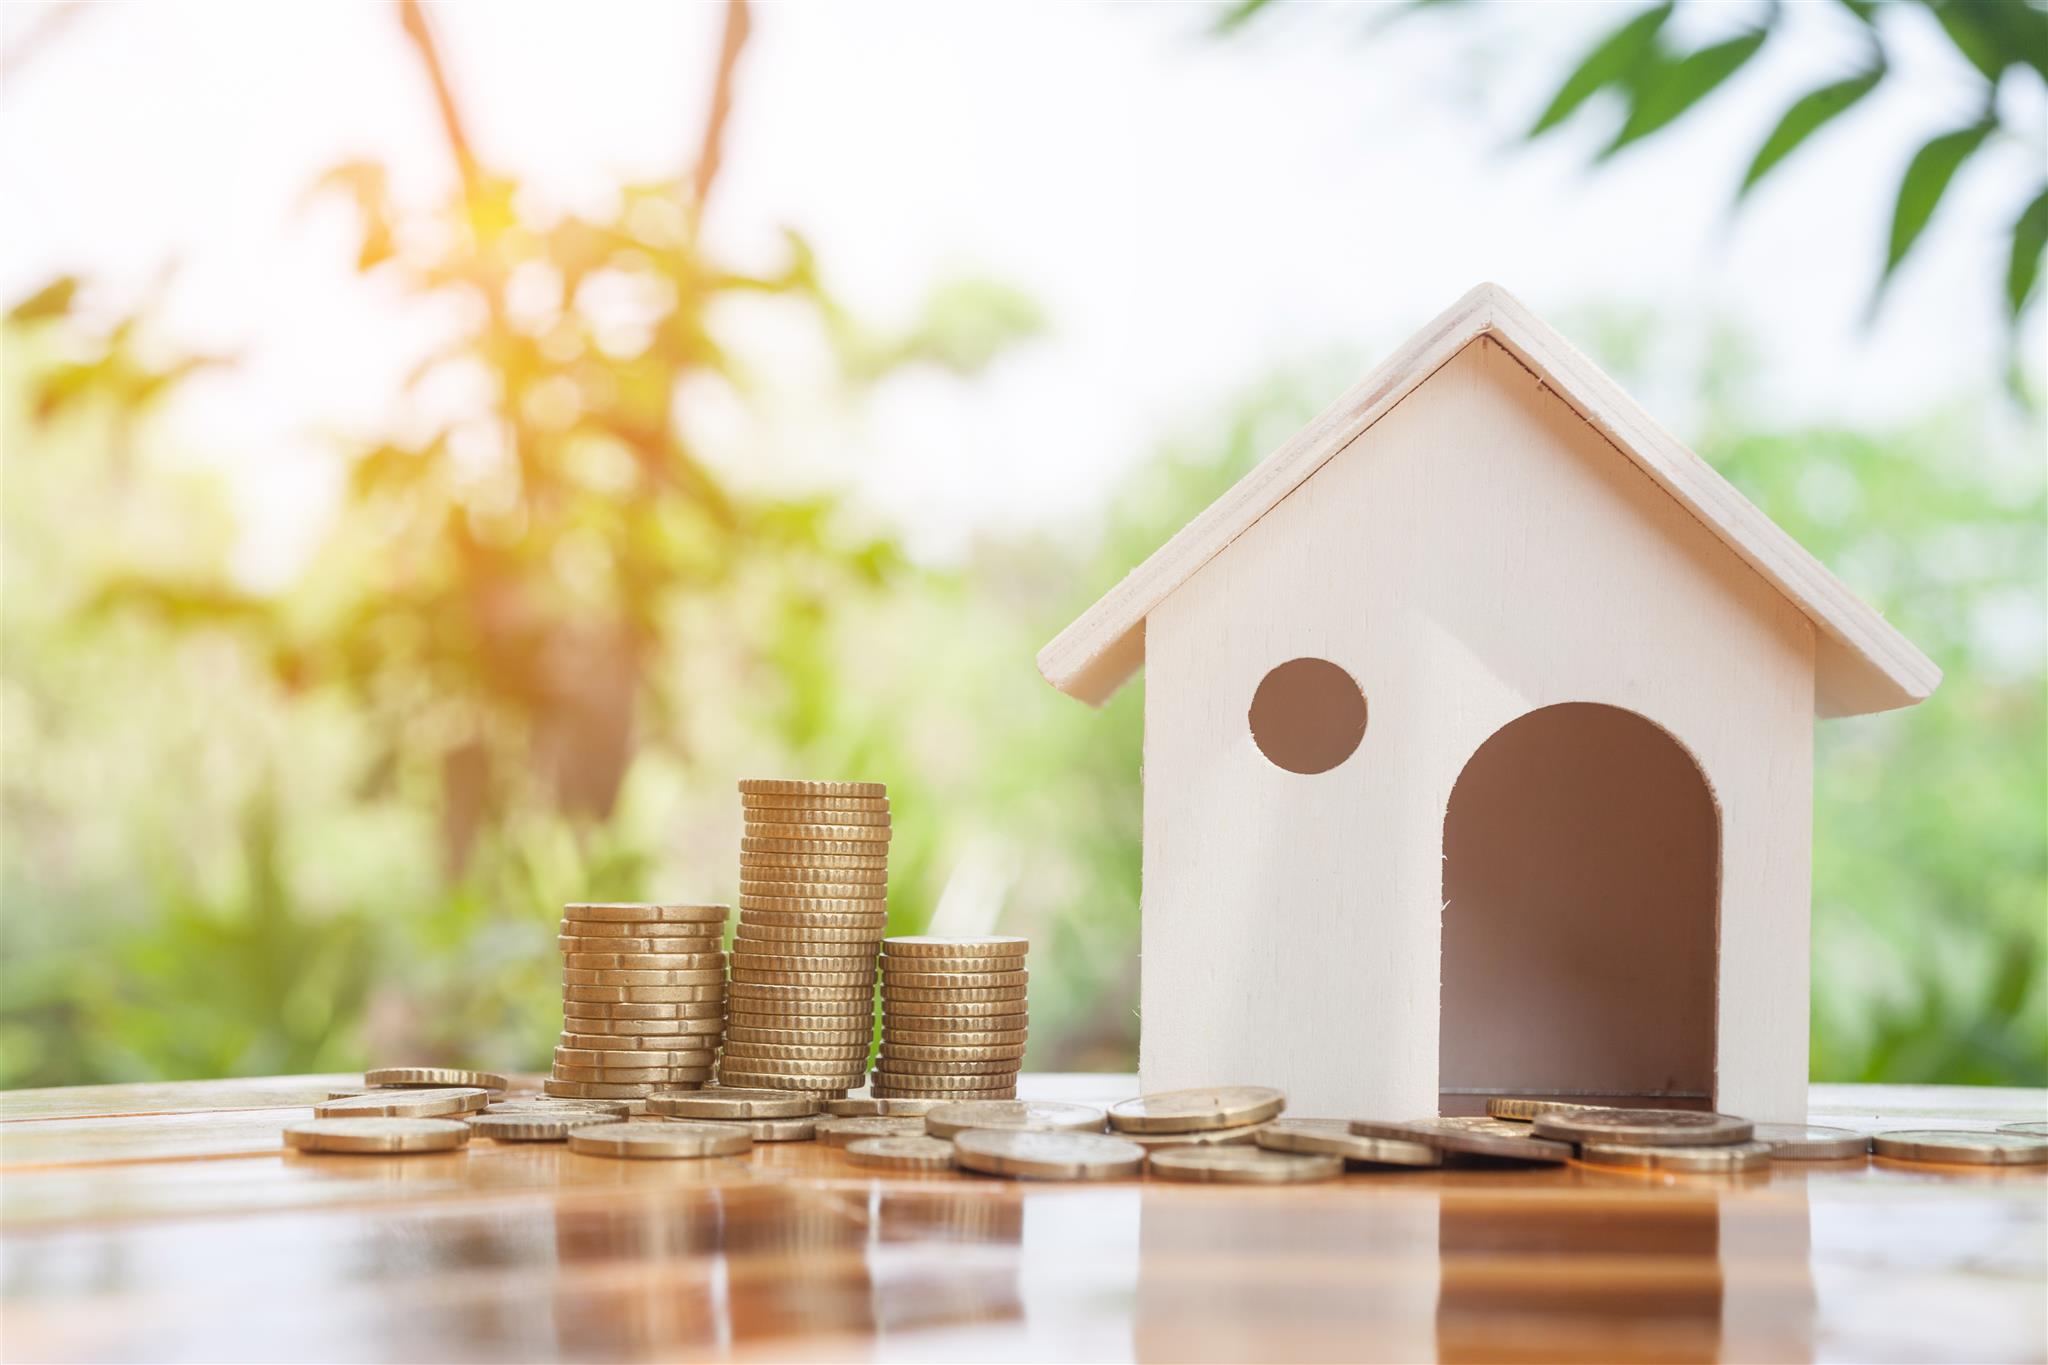 Vogelhuis met geldmunten